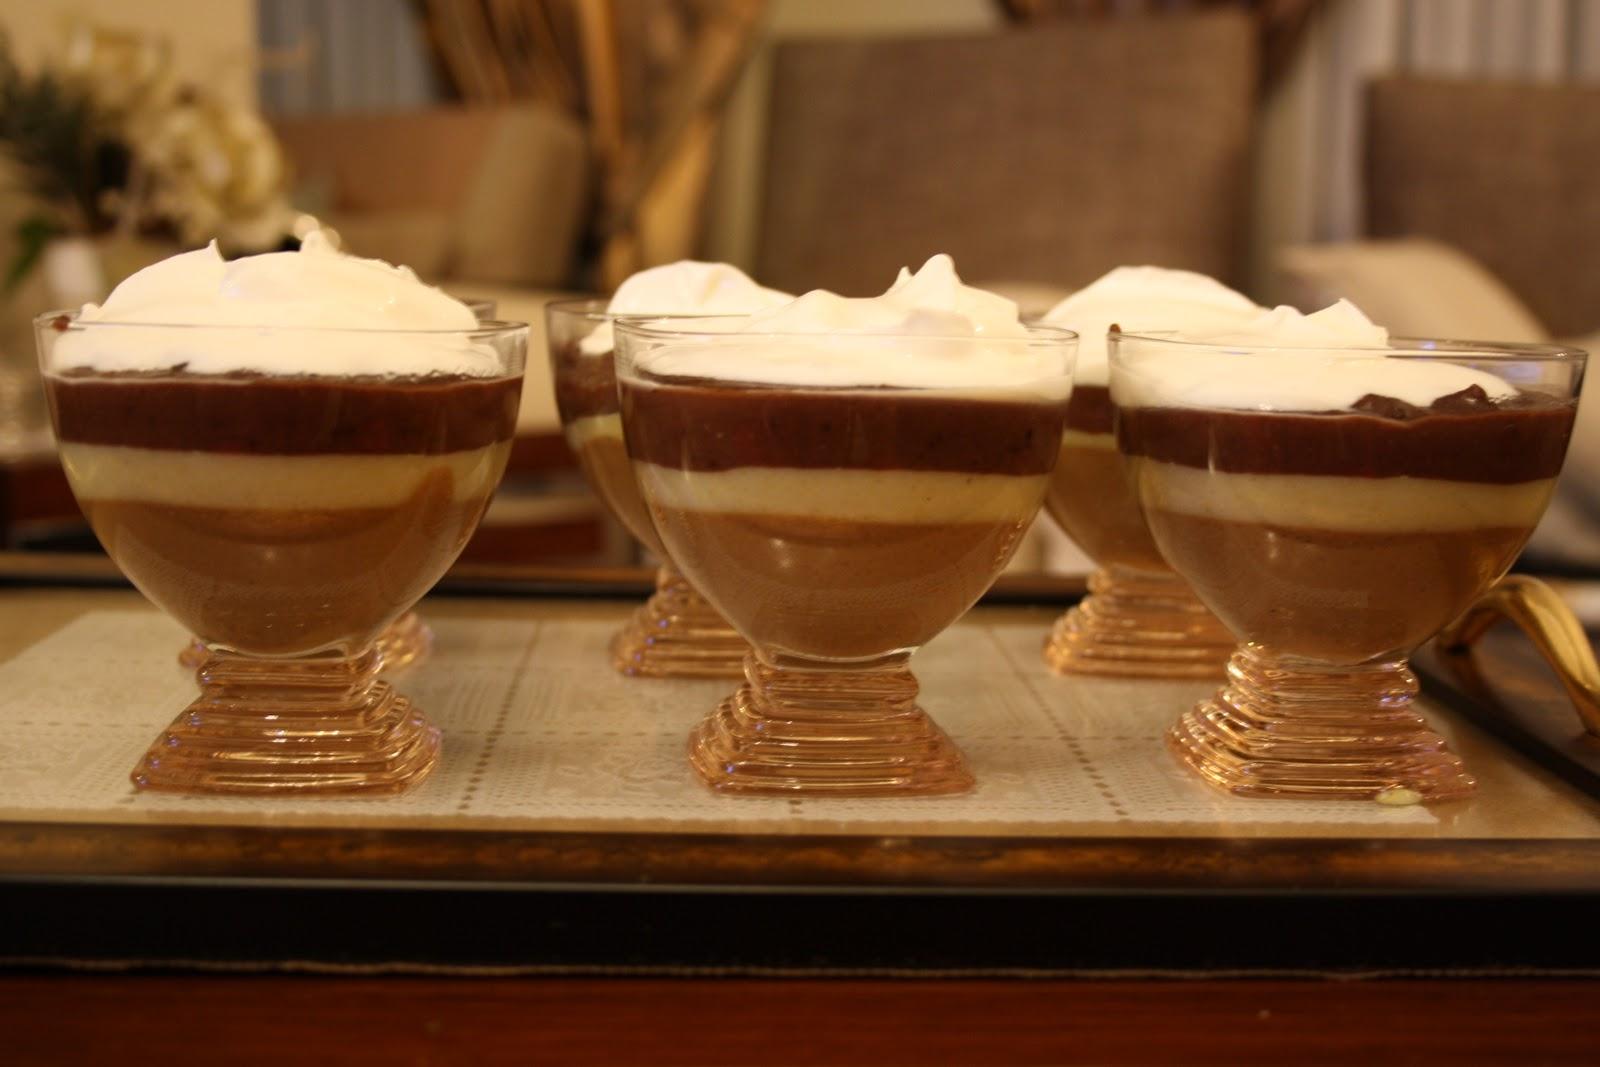 Kahveli Vanilyalı Çikolatalı Kup Tarifi